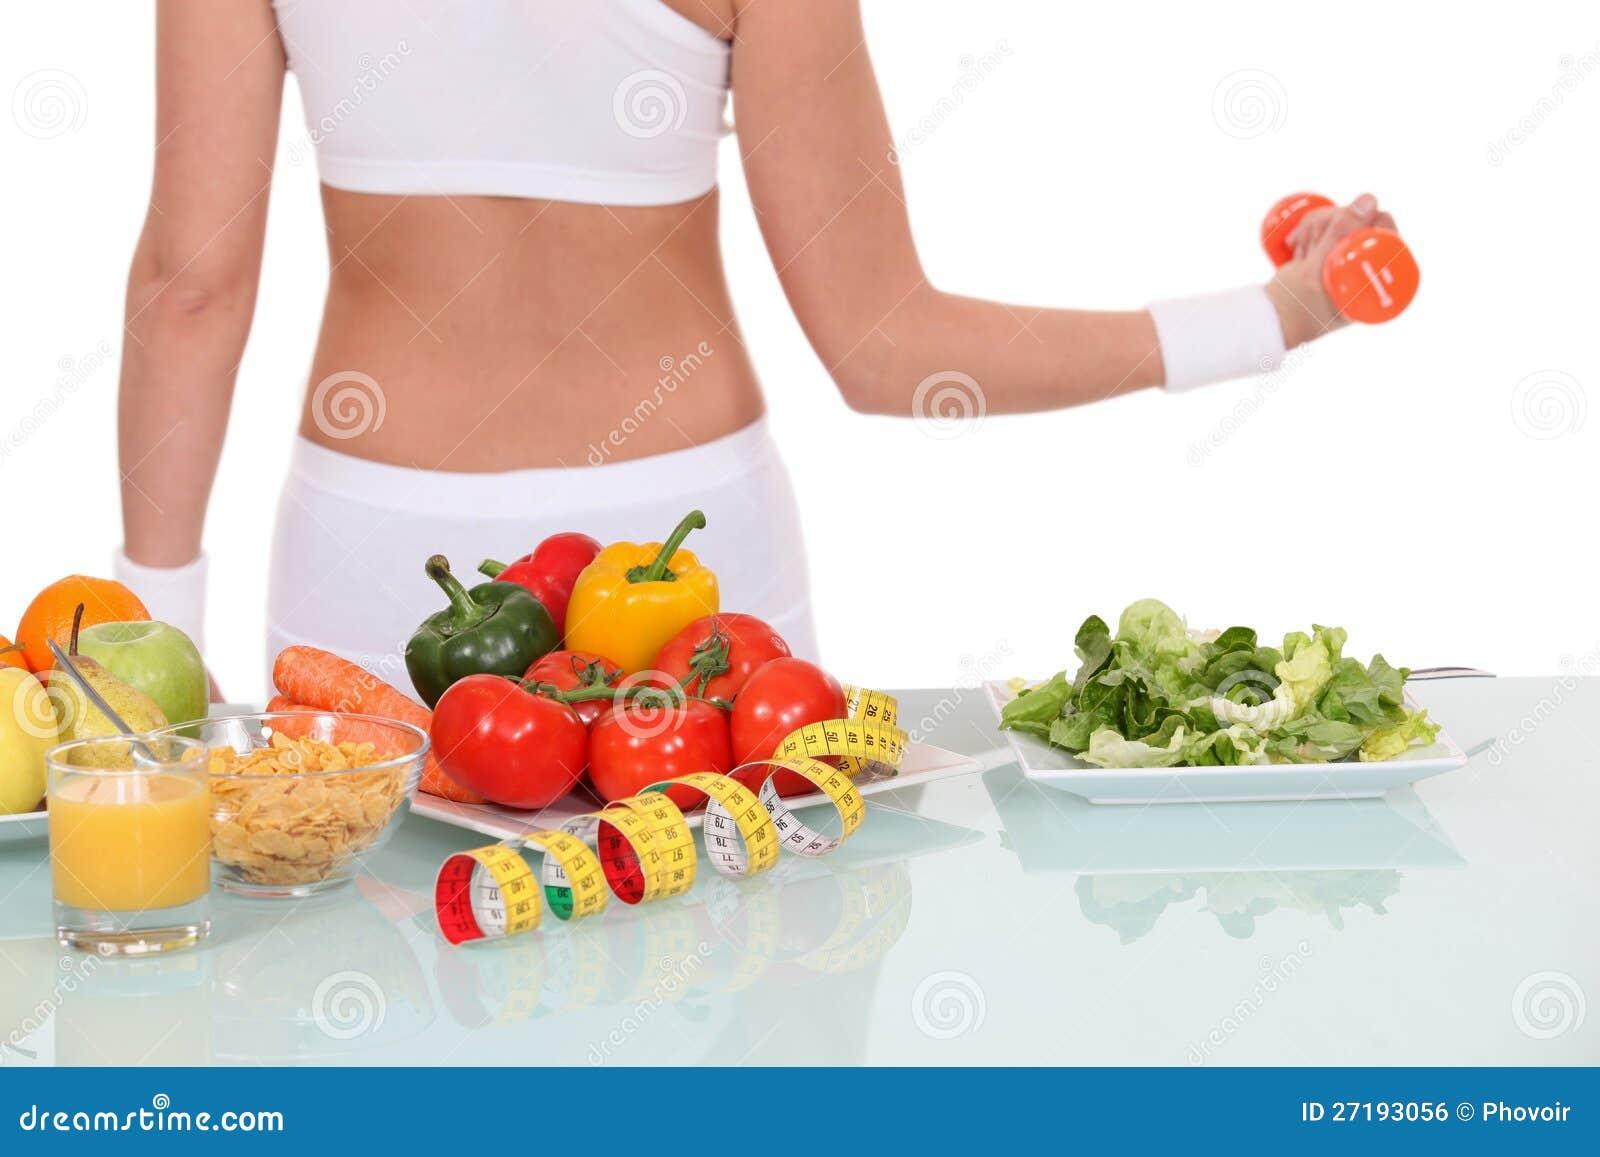 Föra en sund livsstil